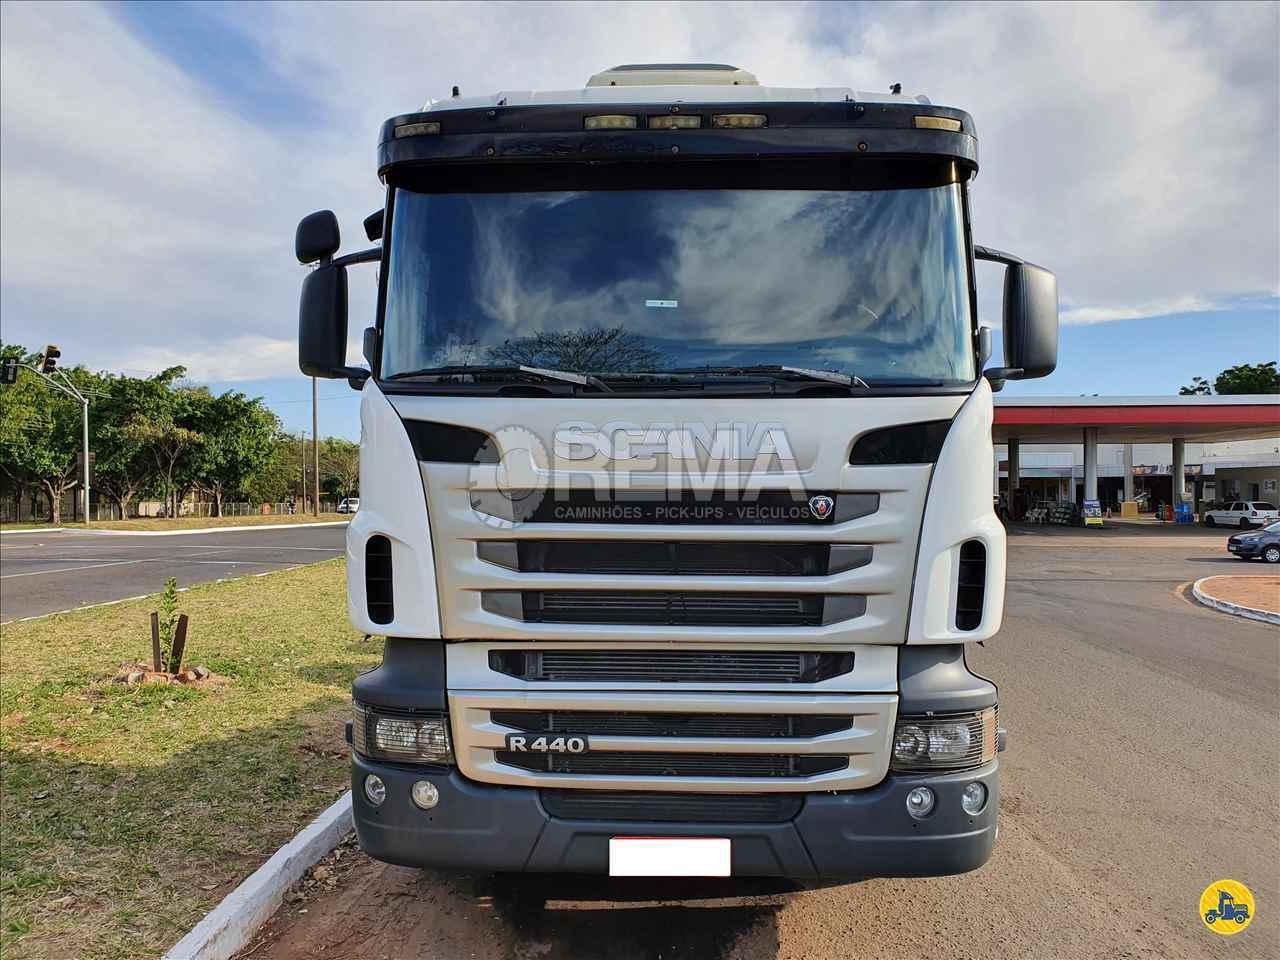 SCANIA SCANIA 440 710000km 2012/2013 Rema Caminhões - MS